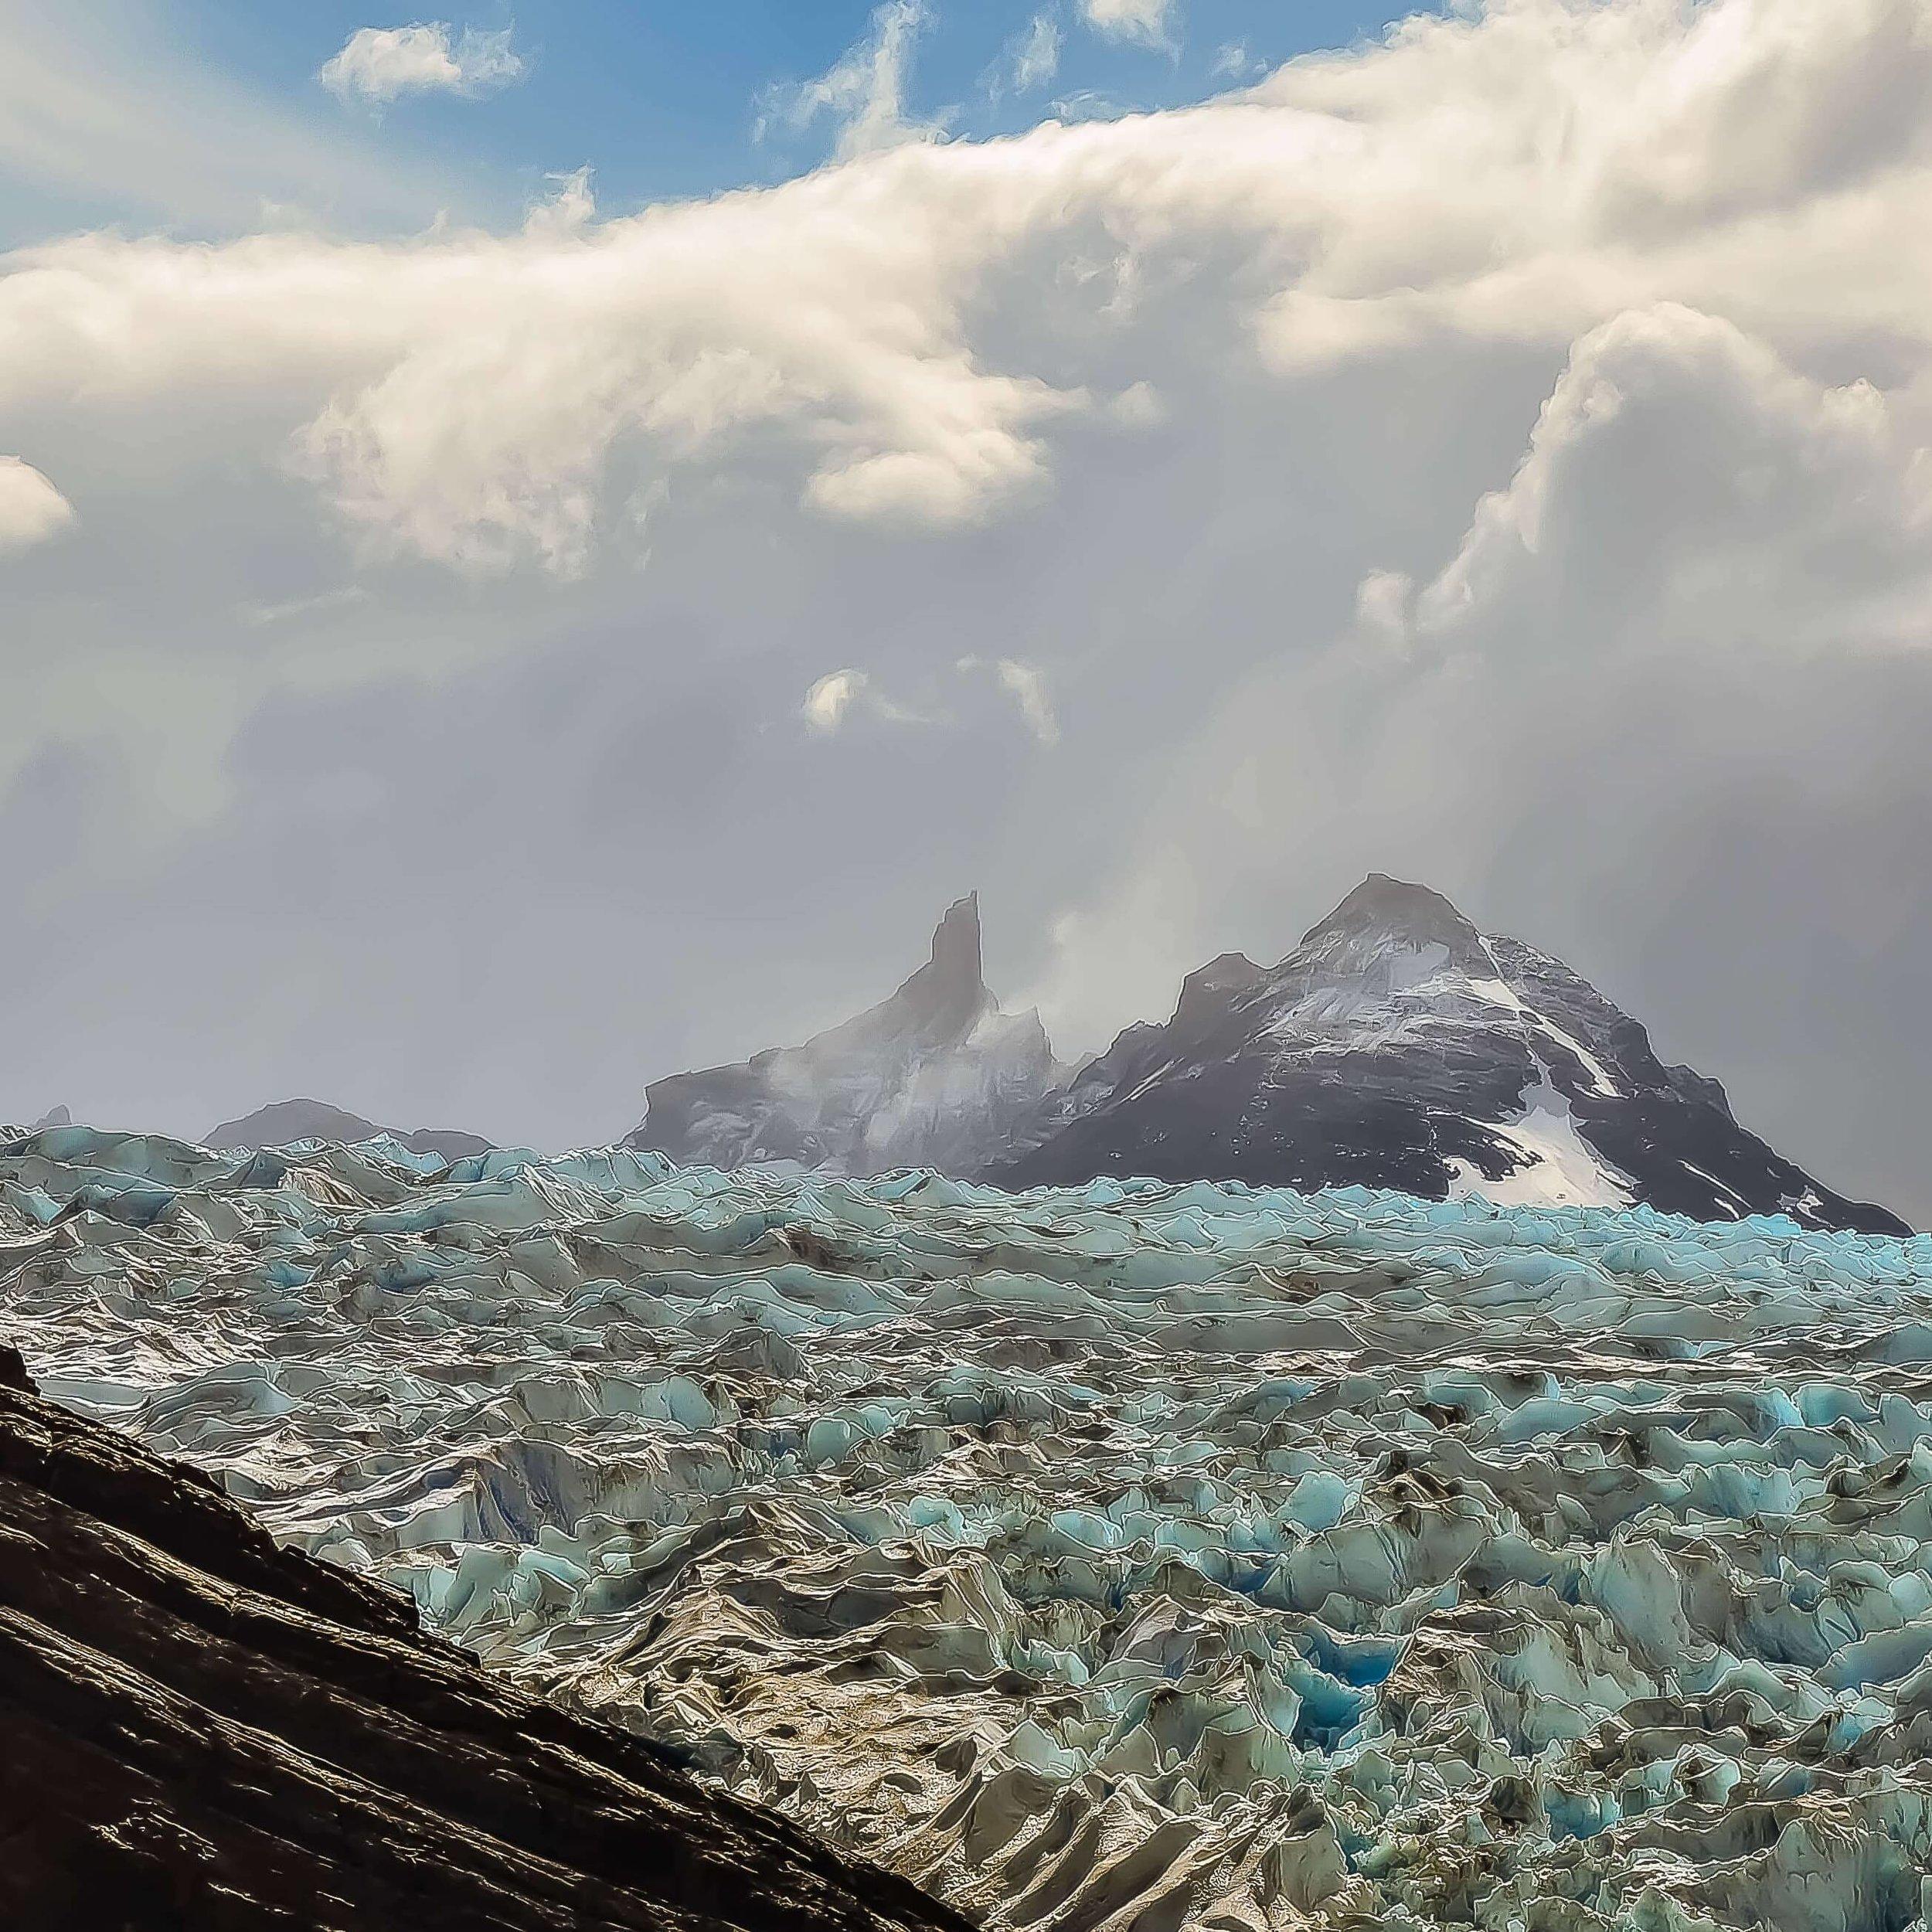 salar-uyuni-volcan-tunupa-bolivia-1.jpg